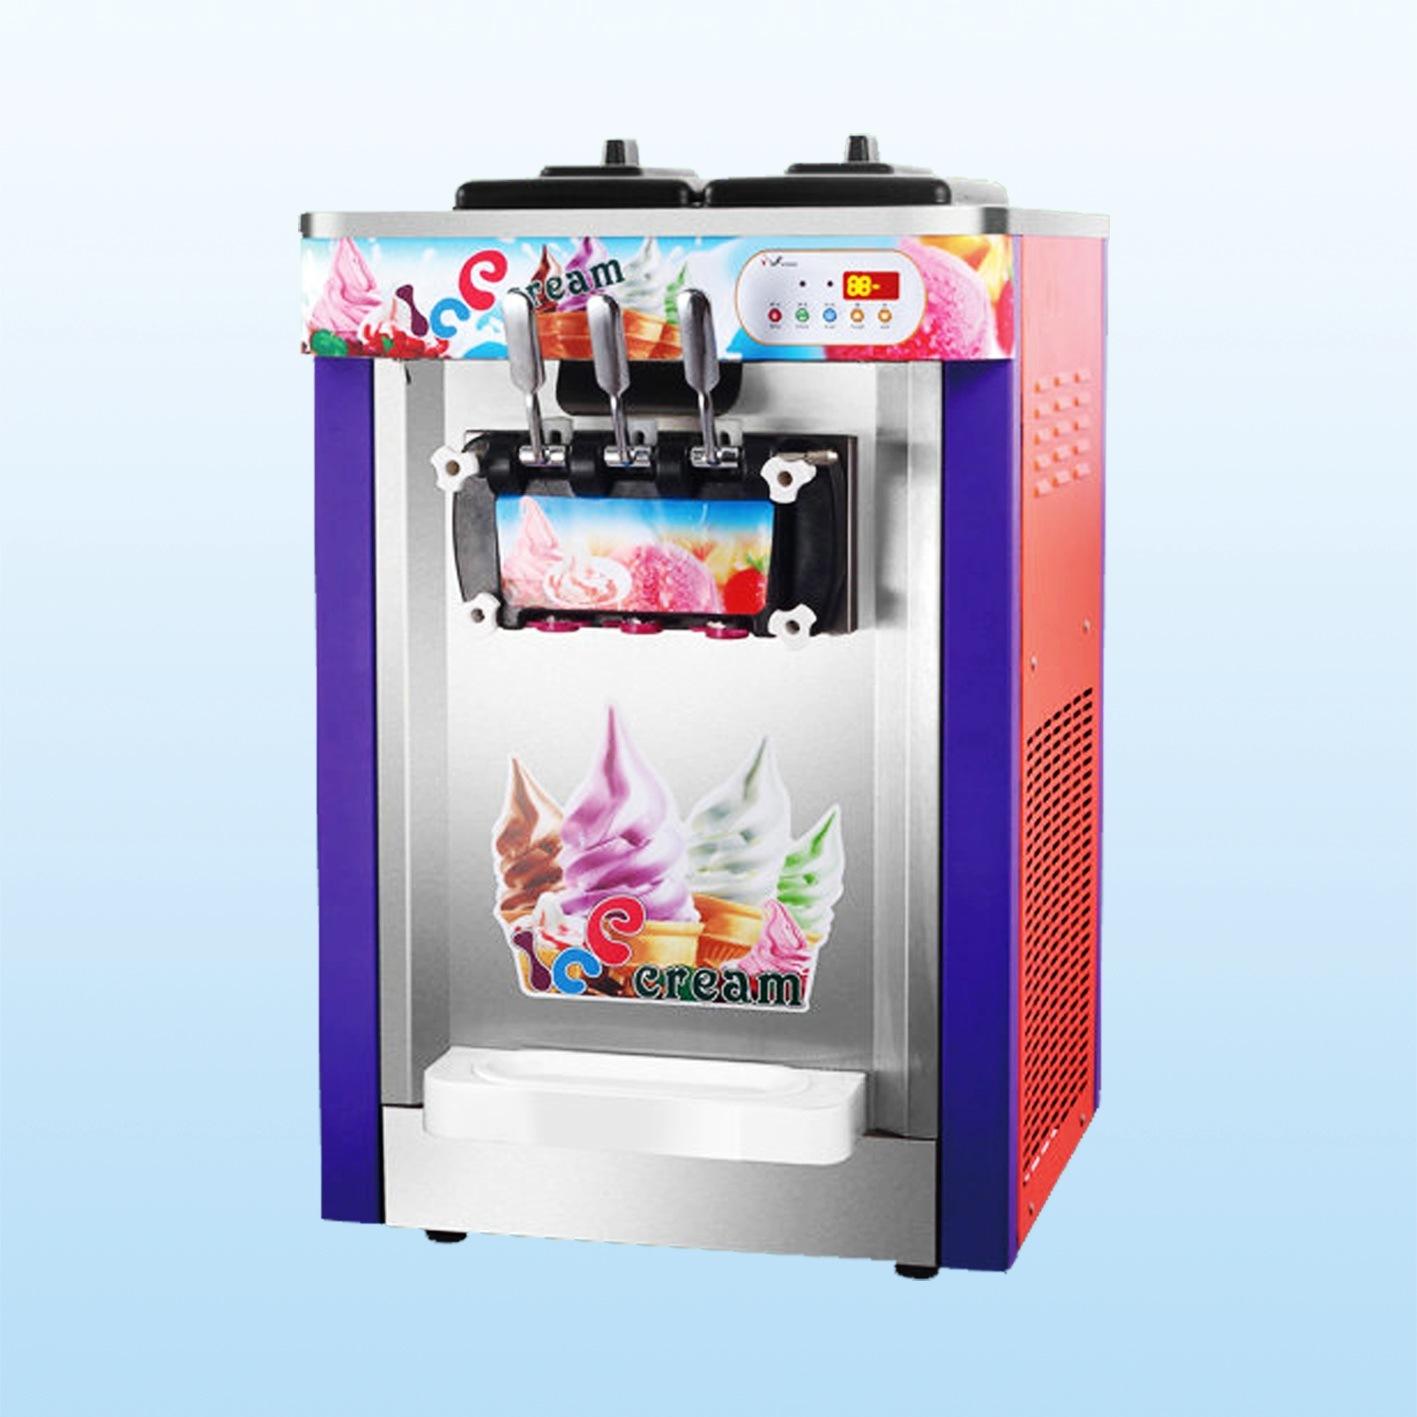 China Ice Cream Maker Mq L22a China Soft Ice Cream Machine Ice Cream Machine